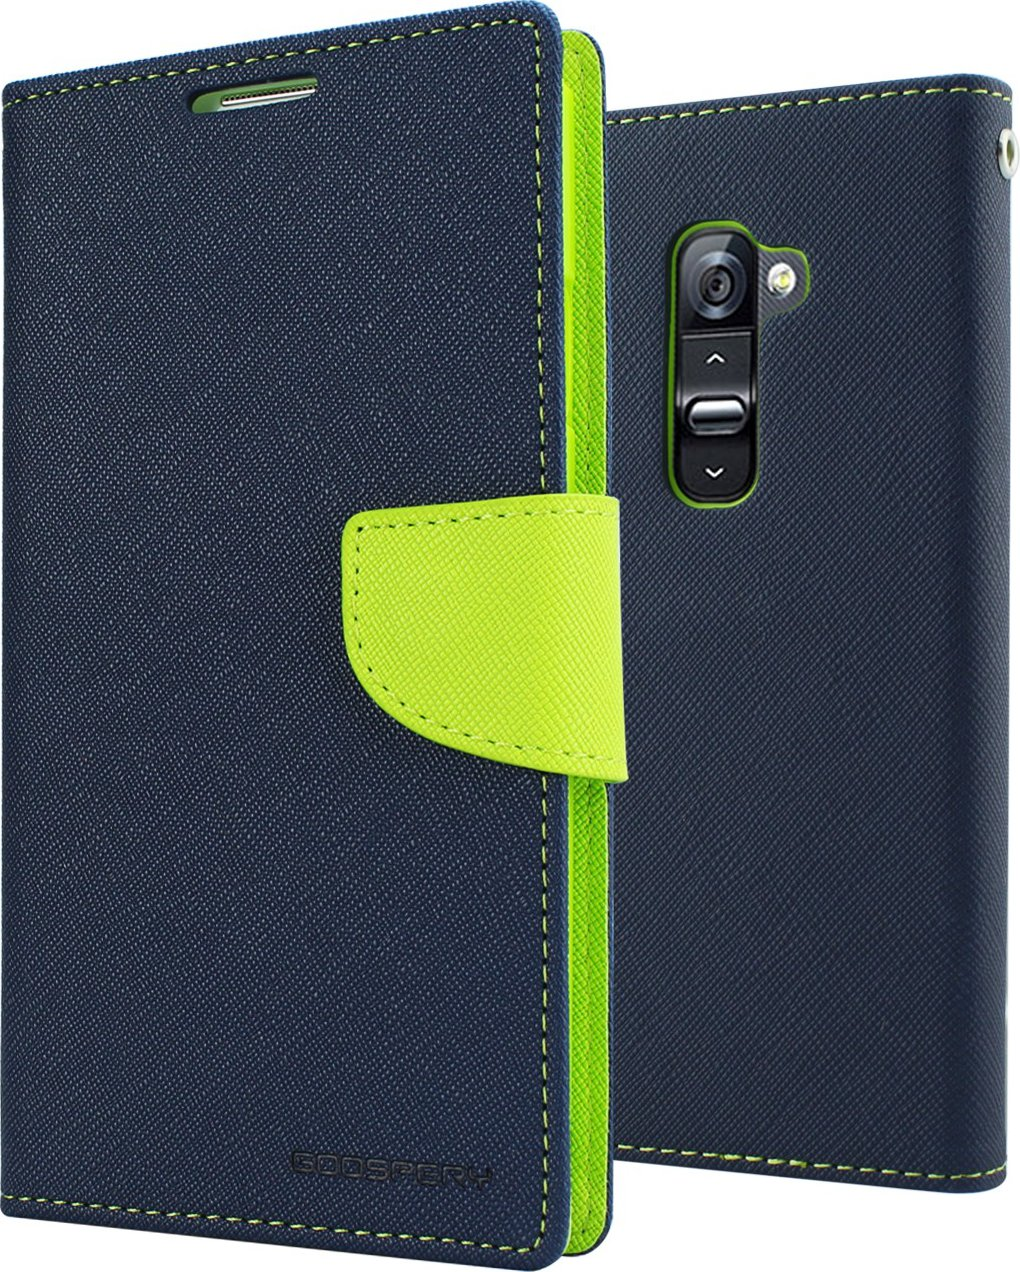 Pouzdra Na Mobiln Telefony Goospery Zbocz Samsung Note 5 Bravo Diary Case Wine Red Mercury Fancy Pro Galaxy J3 2017 Navy Lime